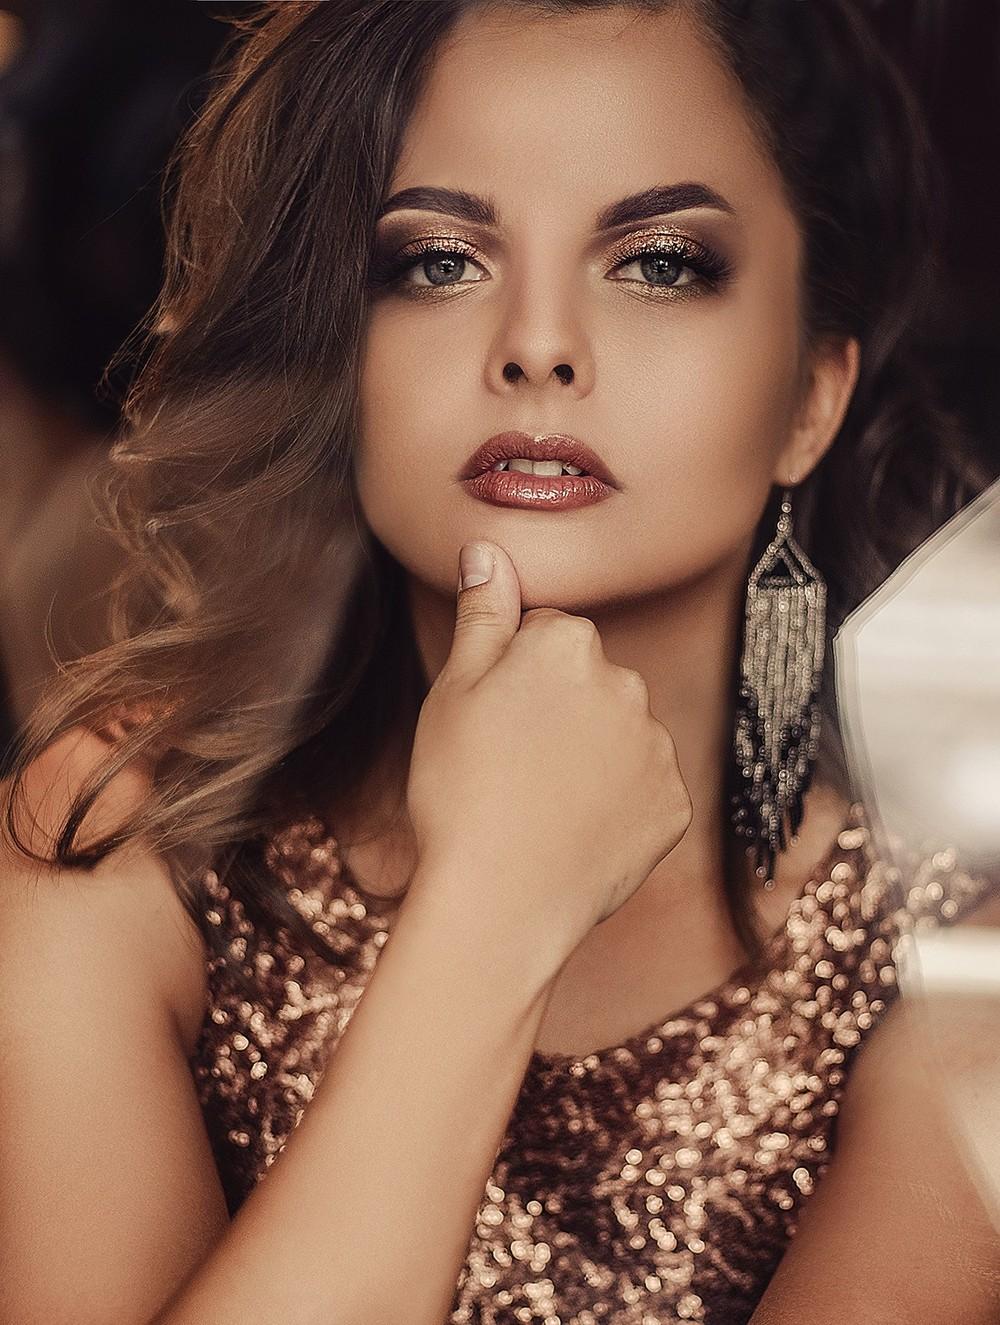 Женские портреты - Елена